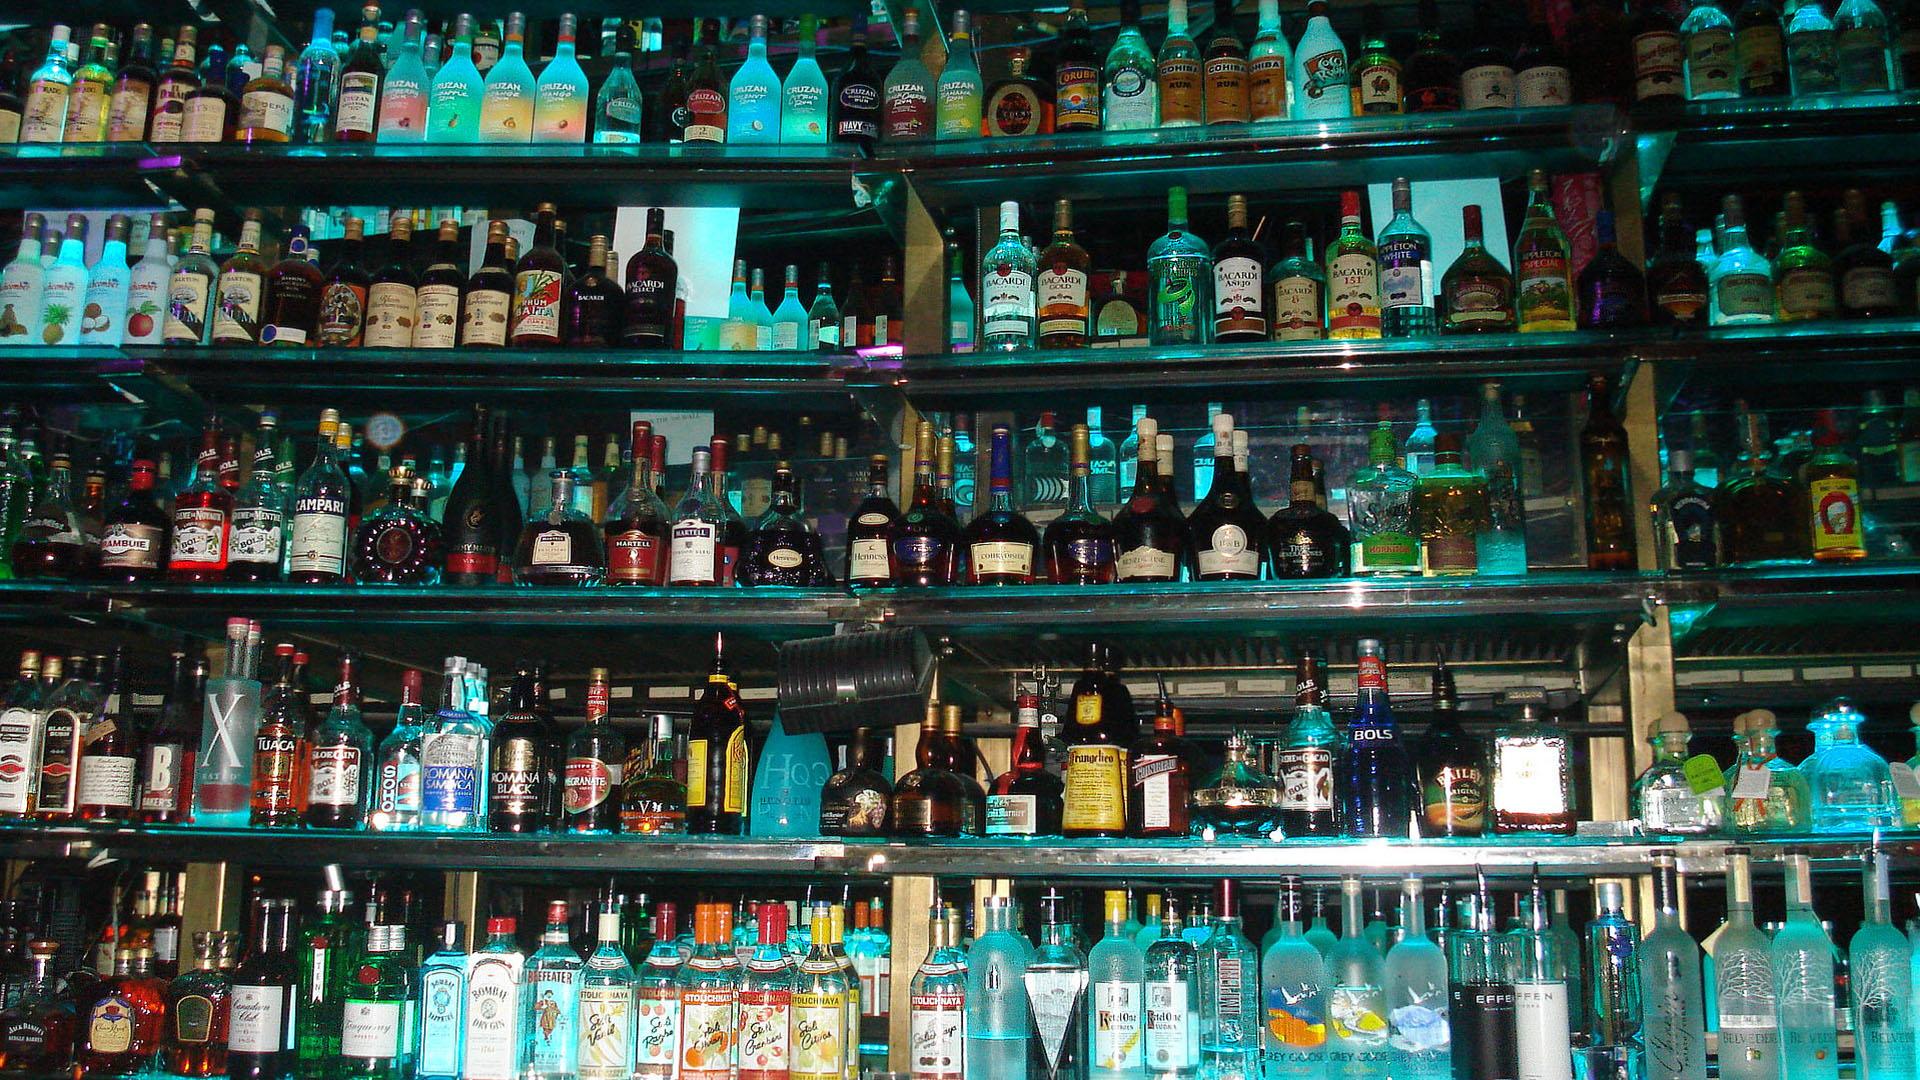 Vodka Bar Wallpaper 1920x1080 Vodka Bar Alcohol Gin Liquor Rum 1920x1080